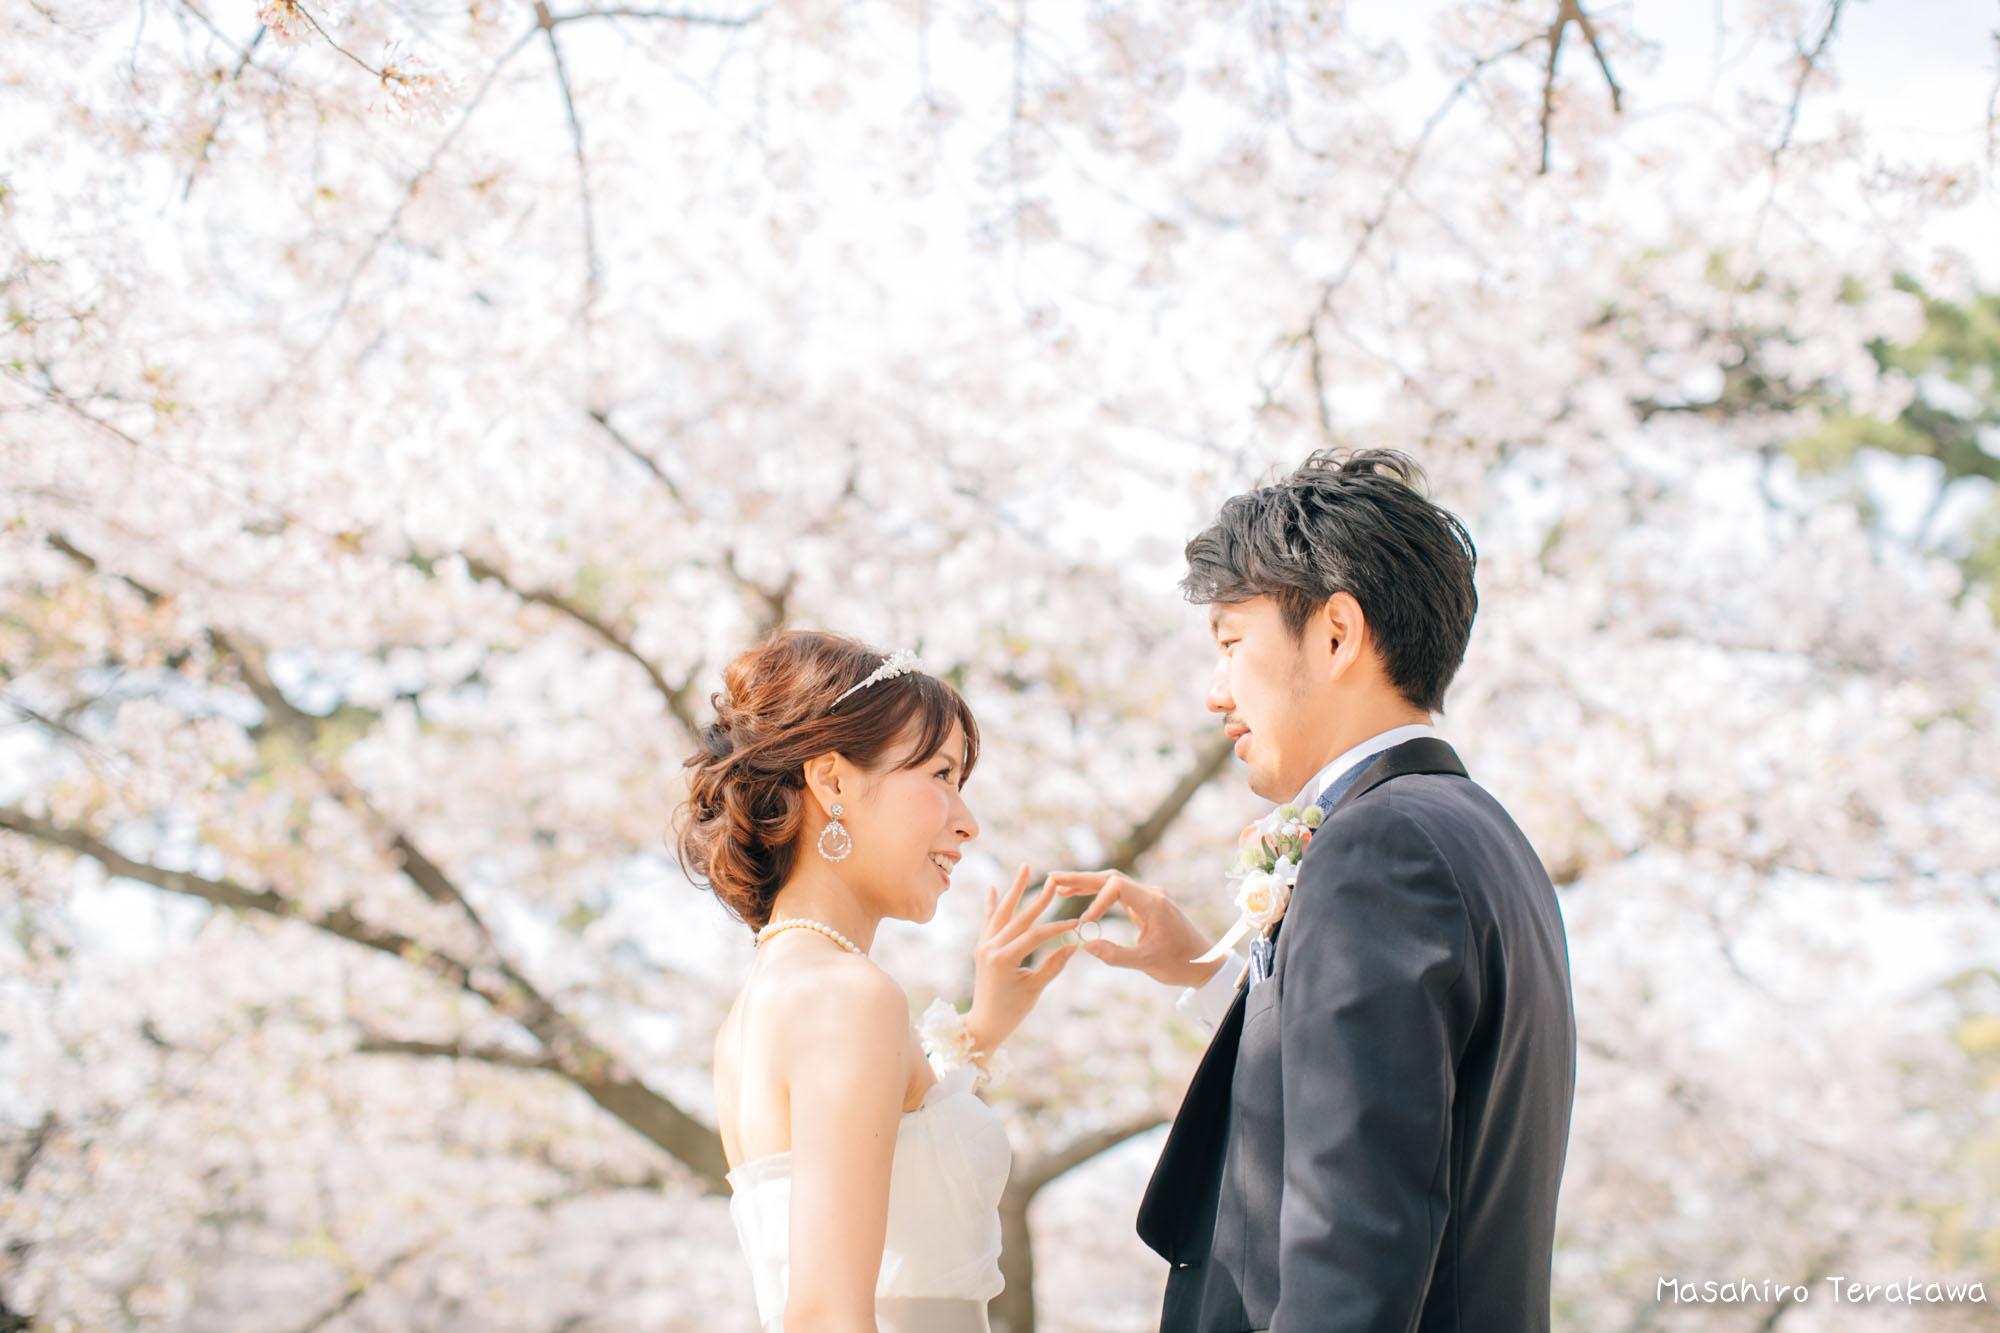 トリートドレッシングのウェディングドレスで結婚式前撮り7